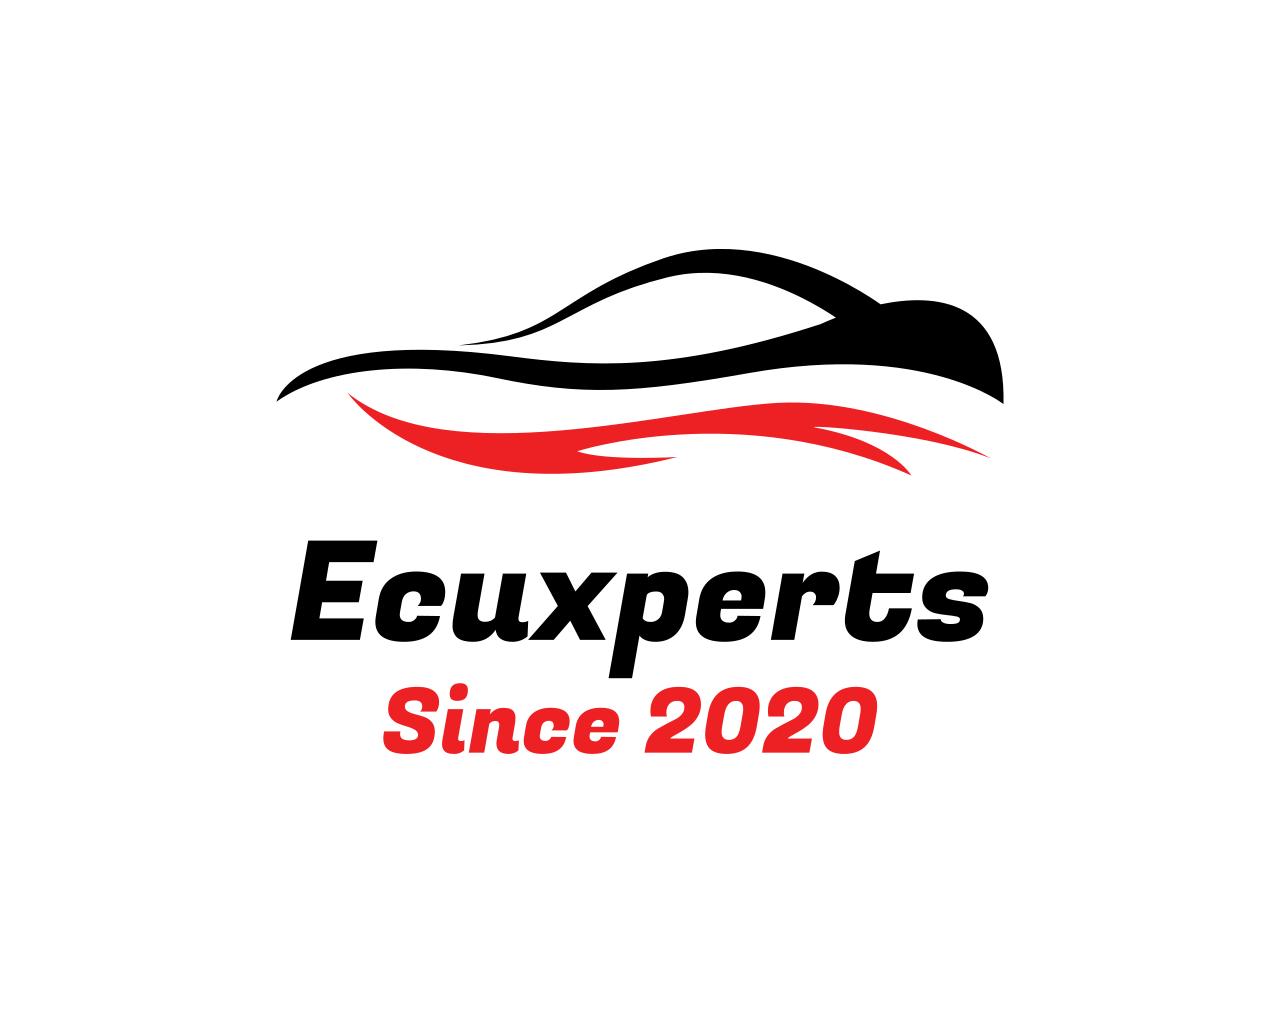 Ecuxperts